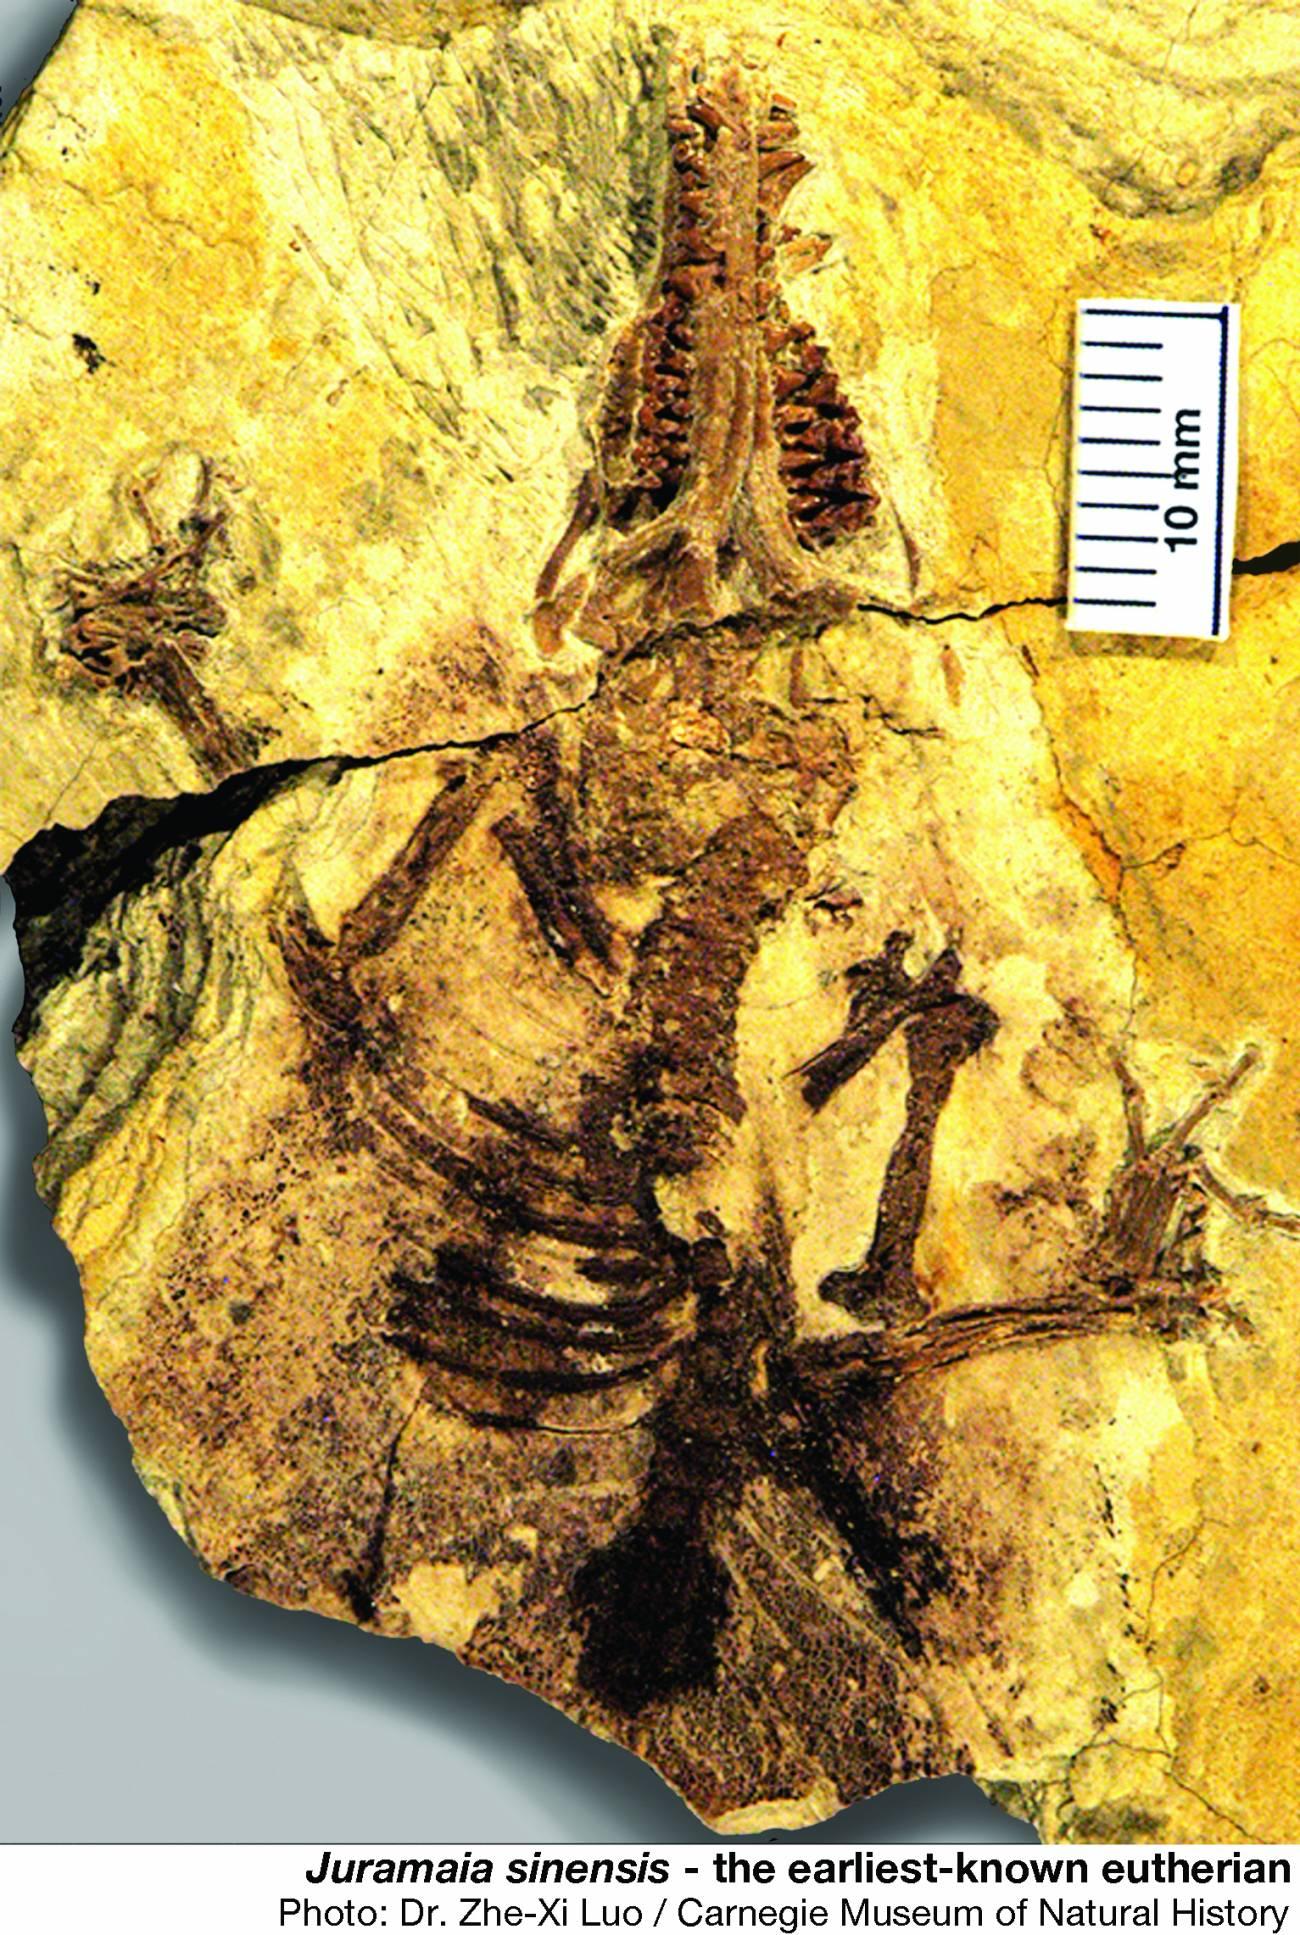 Un fósil de 160 millones de años revela el origen de los mamíferos con placenta